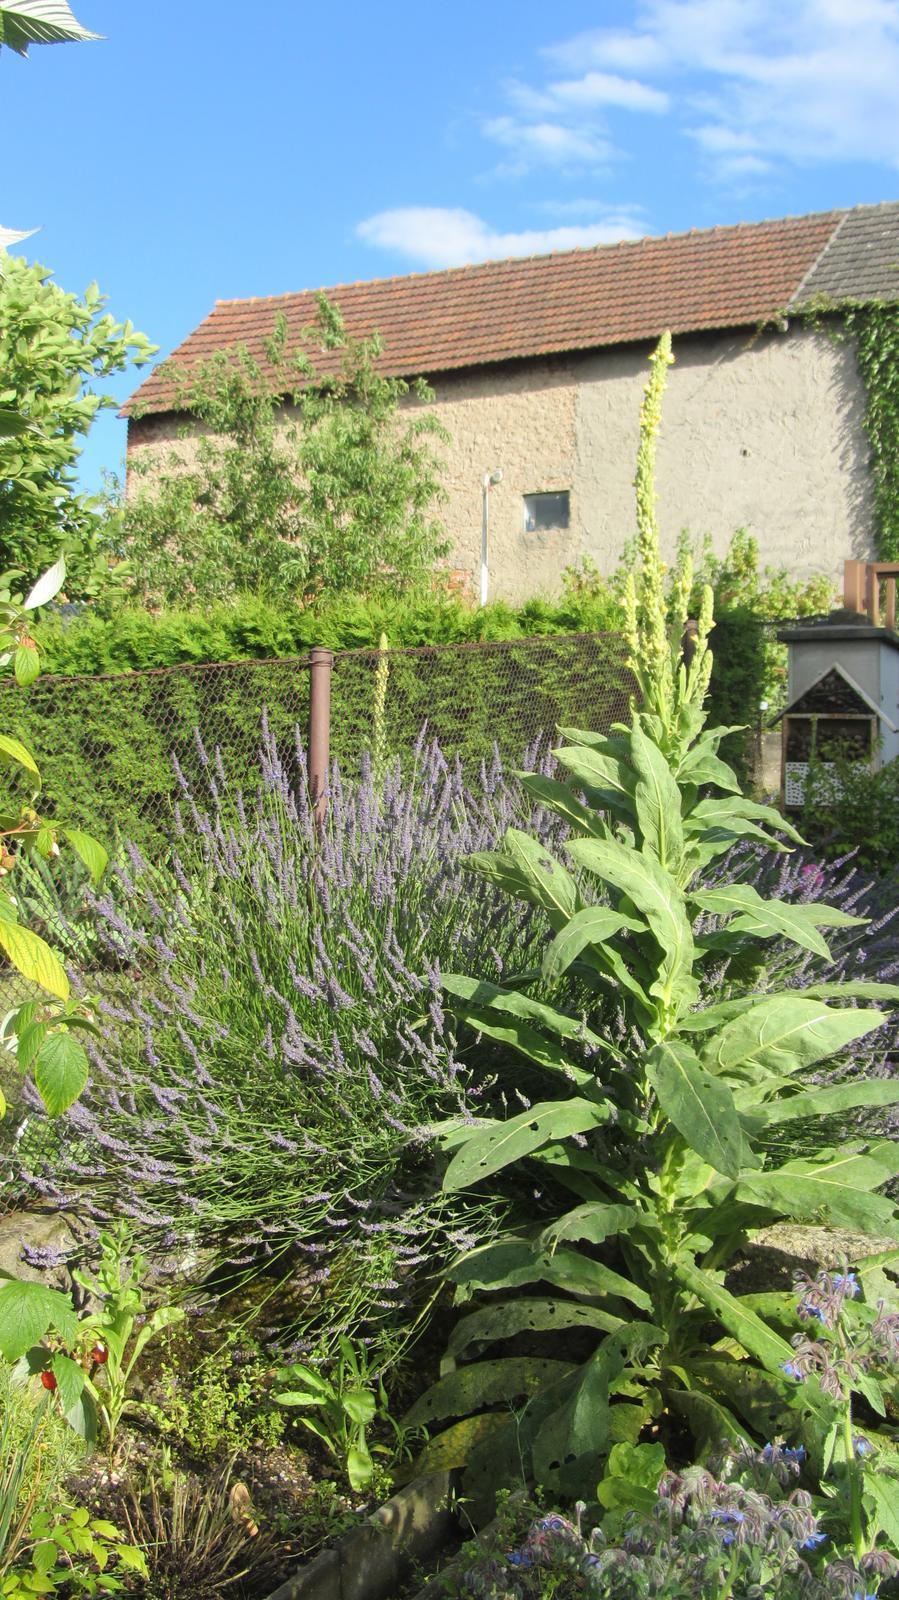 Zahrada 2016 - levandule letos asi zešílela. Stonky mají v průměru 1,30 m délky.